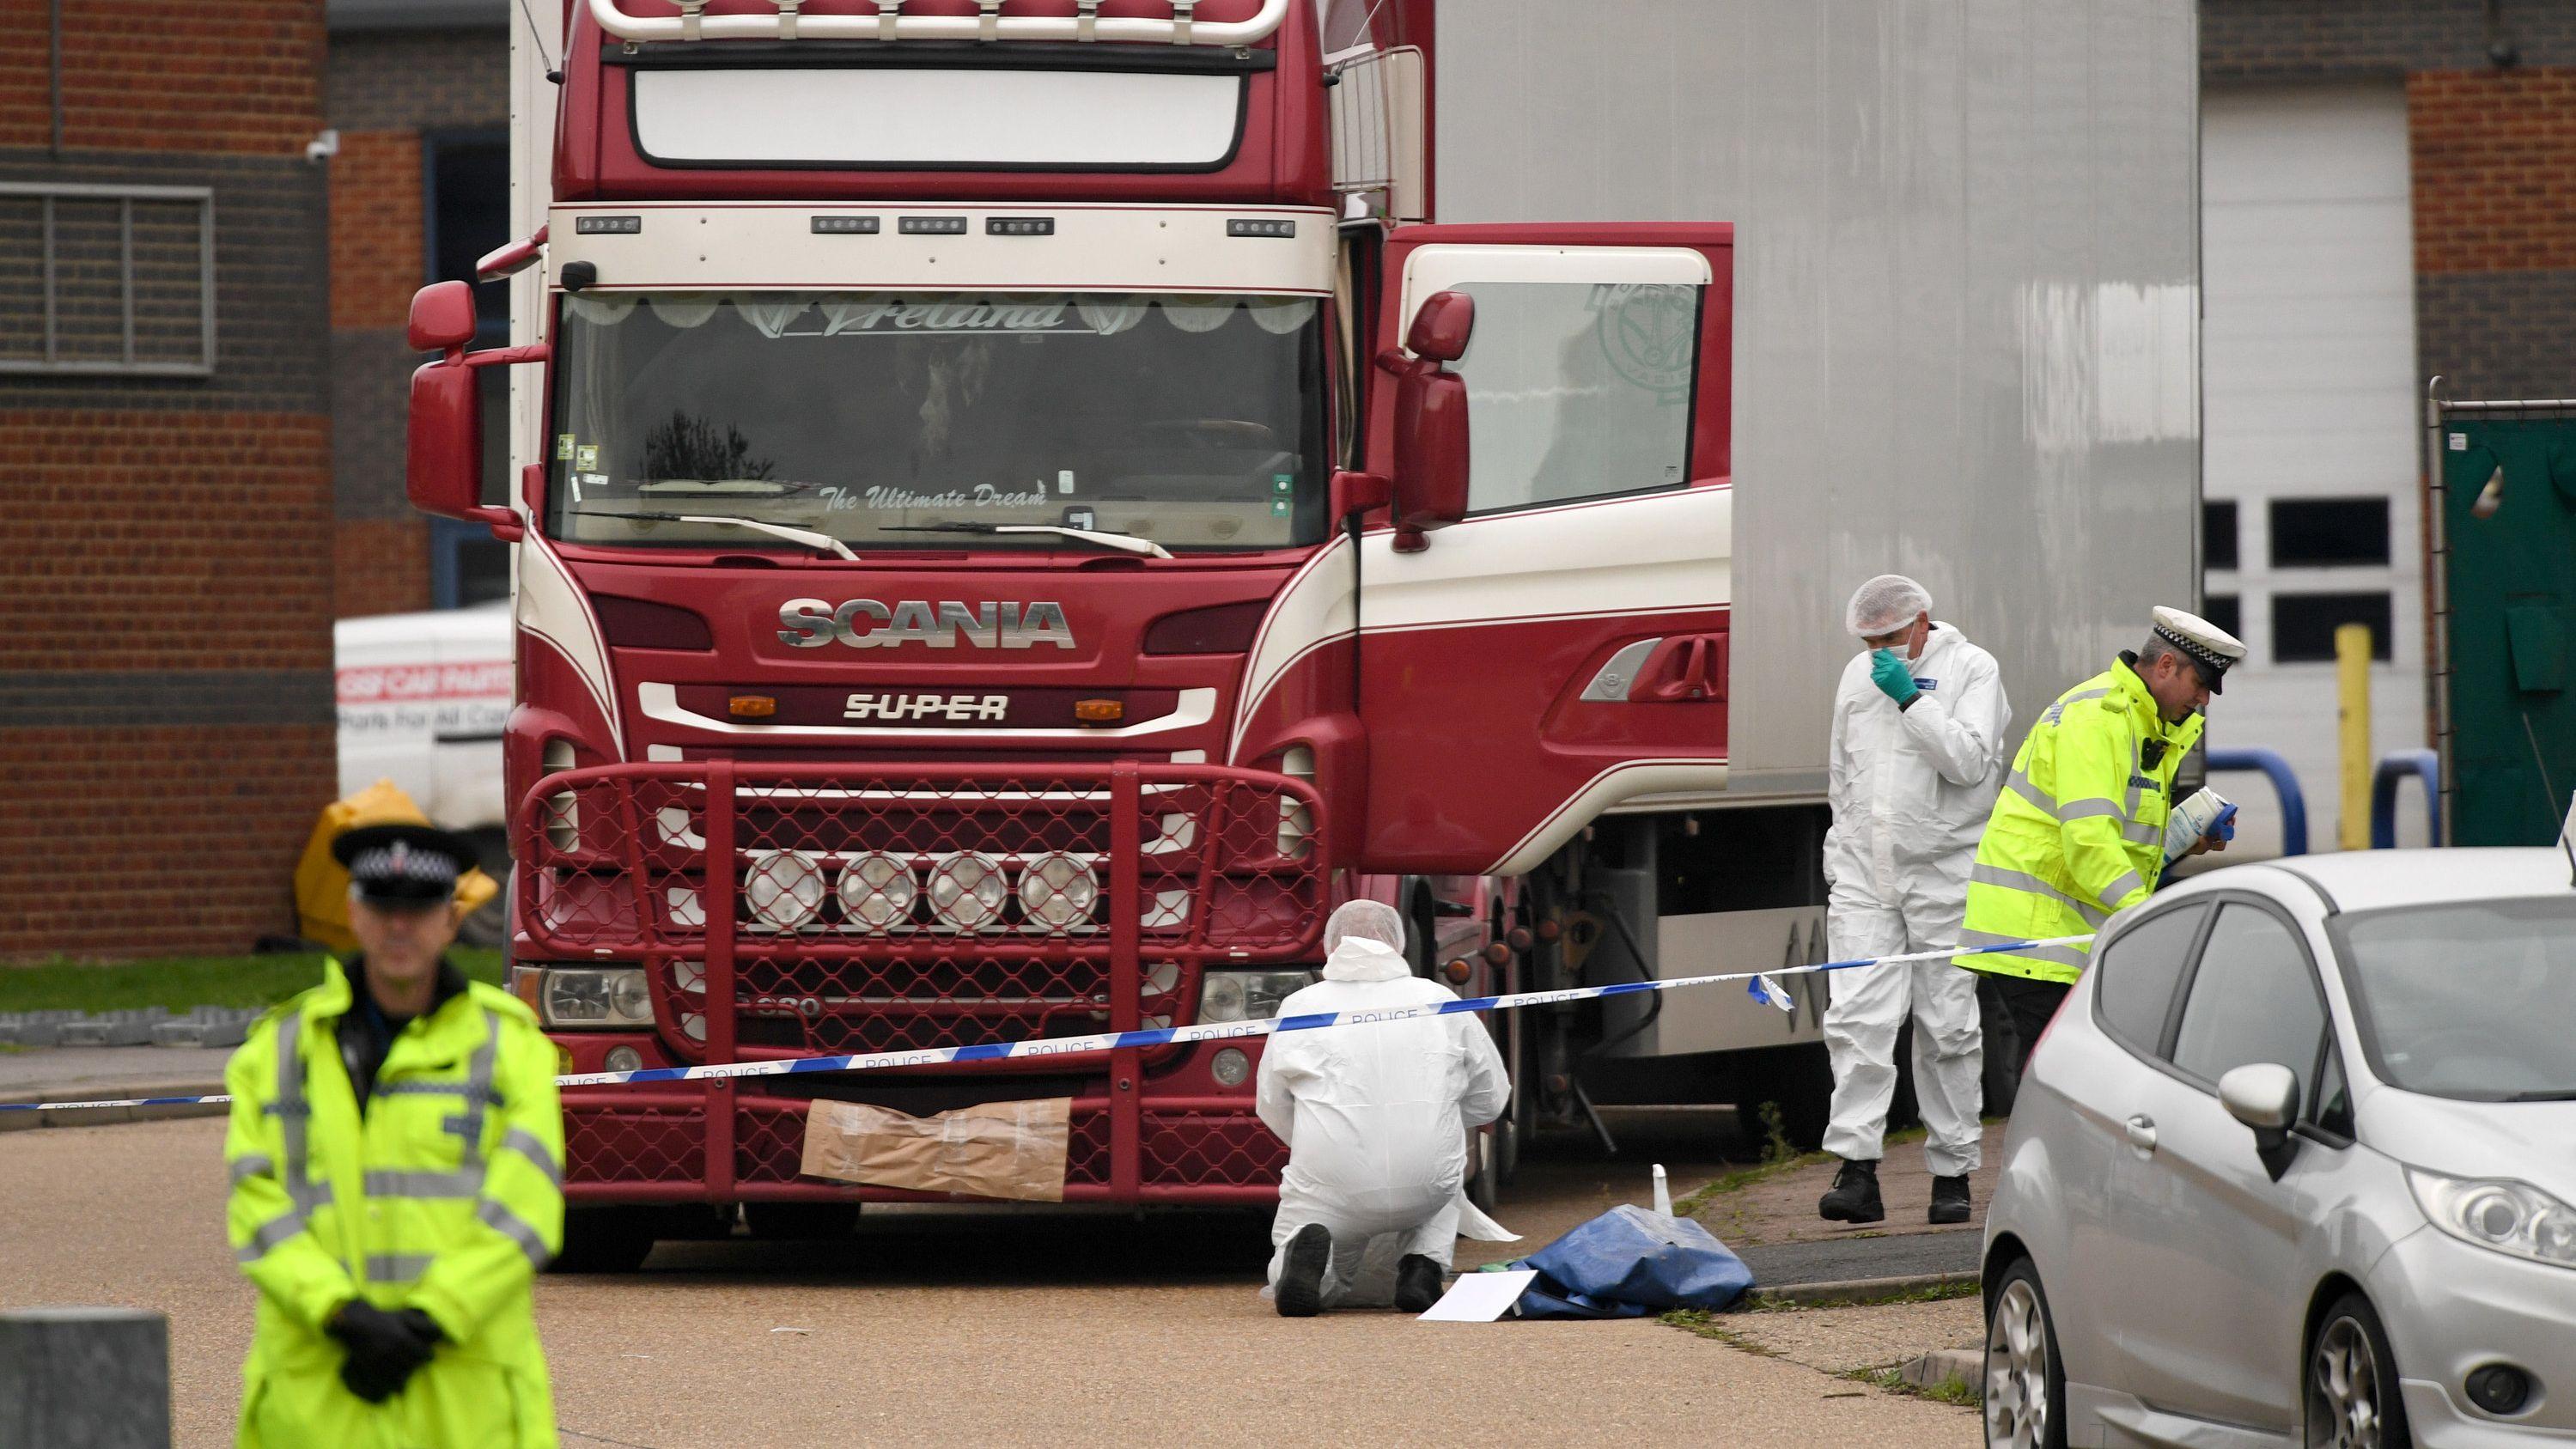 Polizei und der Lkw, in dem die Toten entdeckt wurden